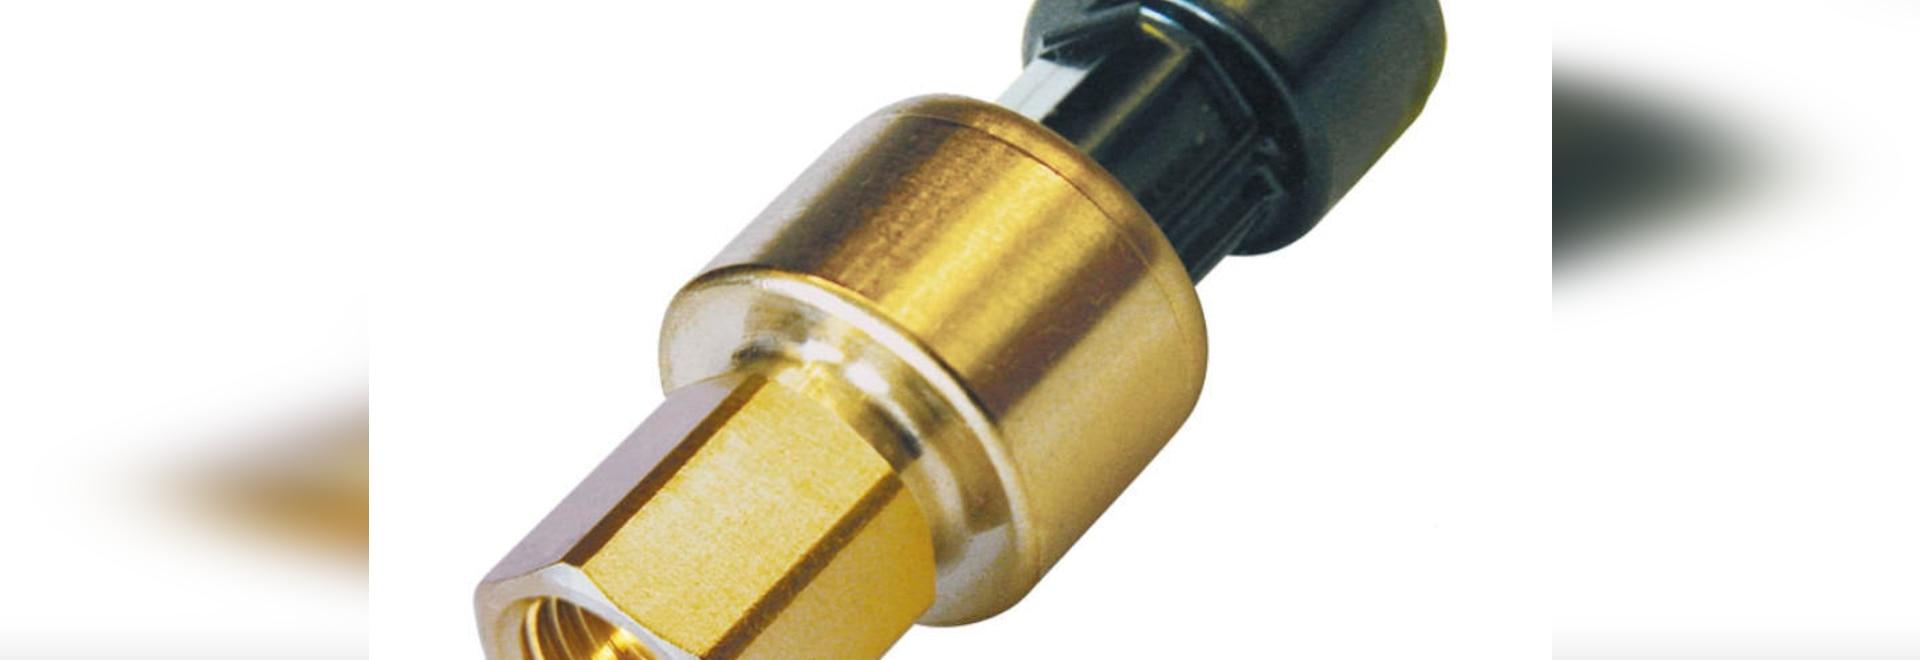 Sensaggio's pressure sensors - New RELEASE 4..20mA VERSION